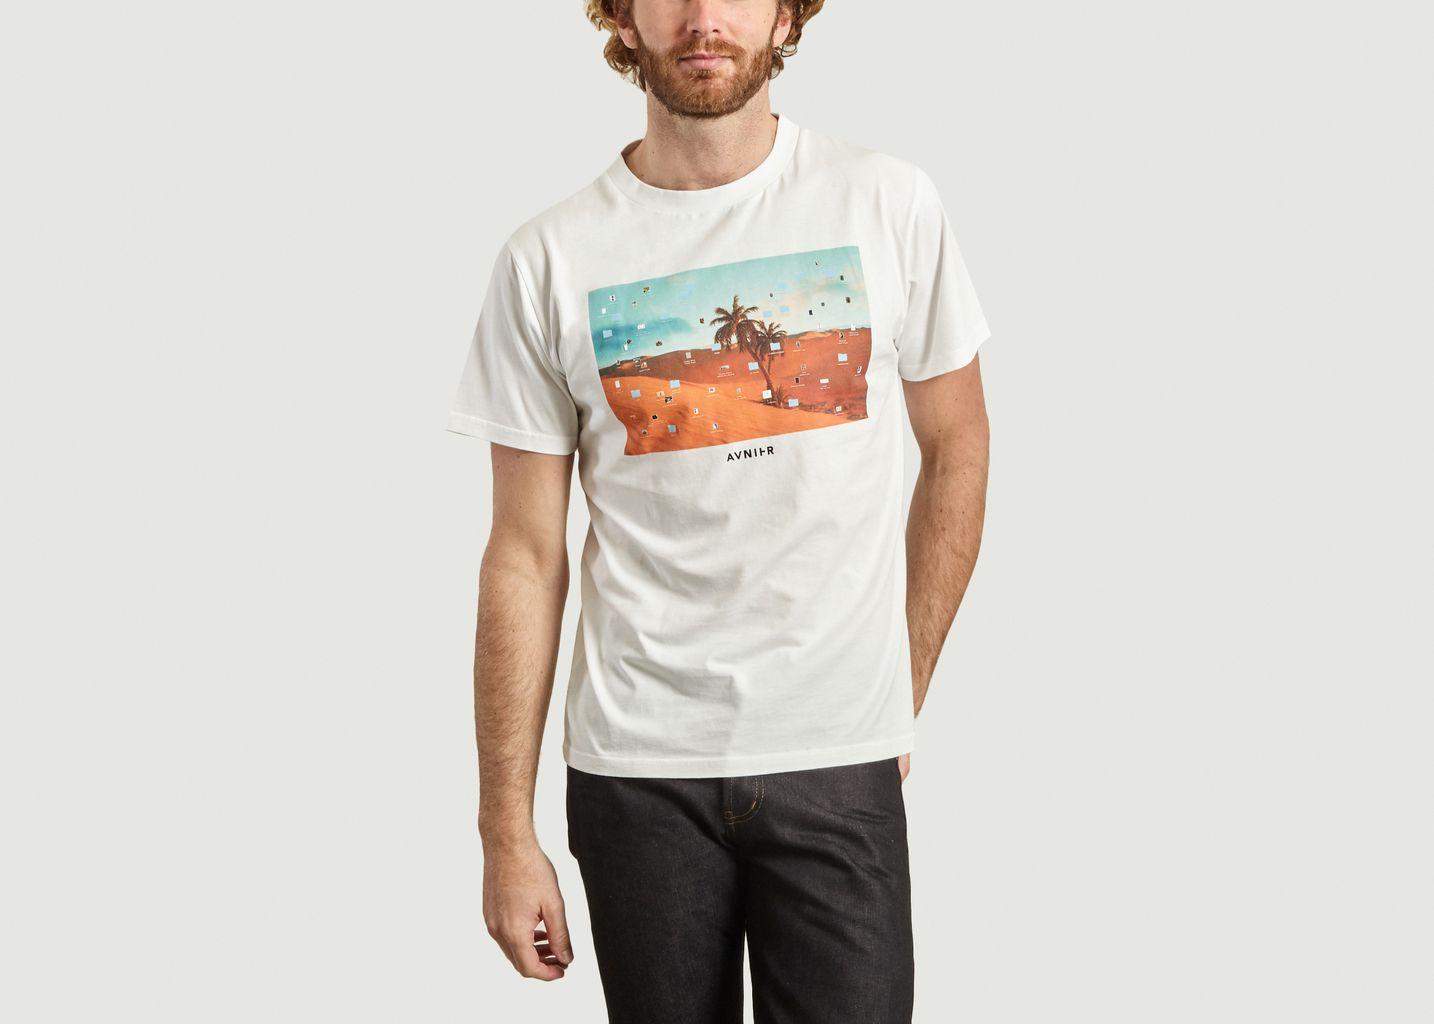 Tshirt Wallpaper - AVNIER